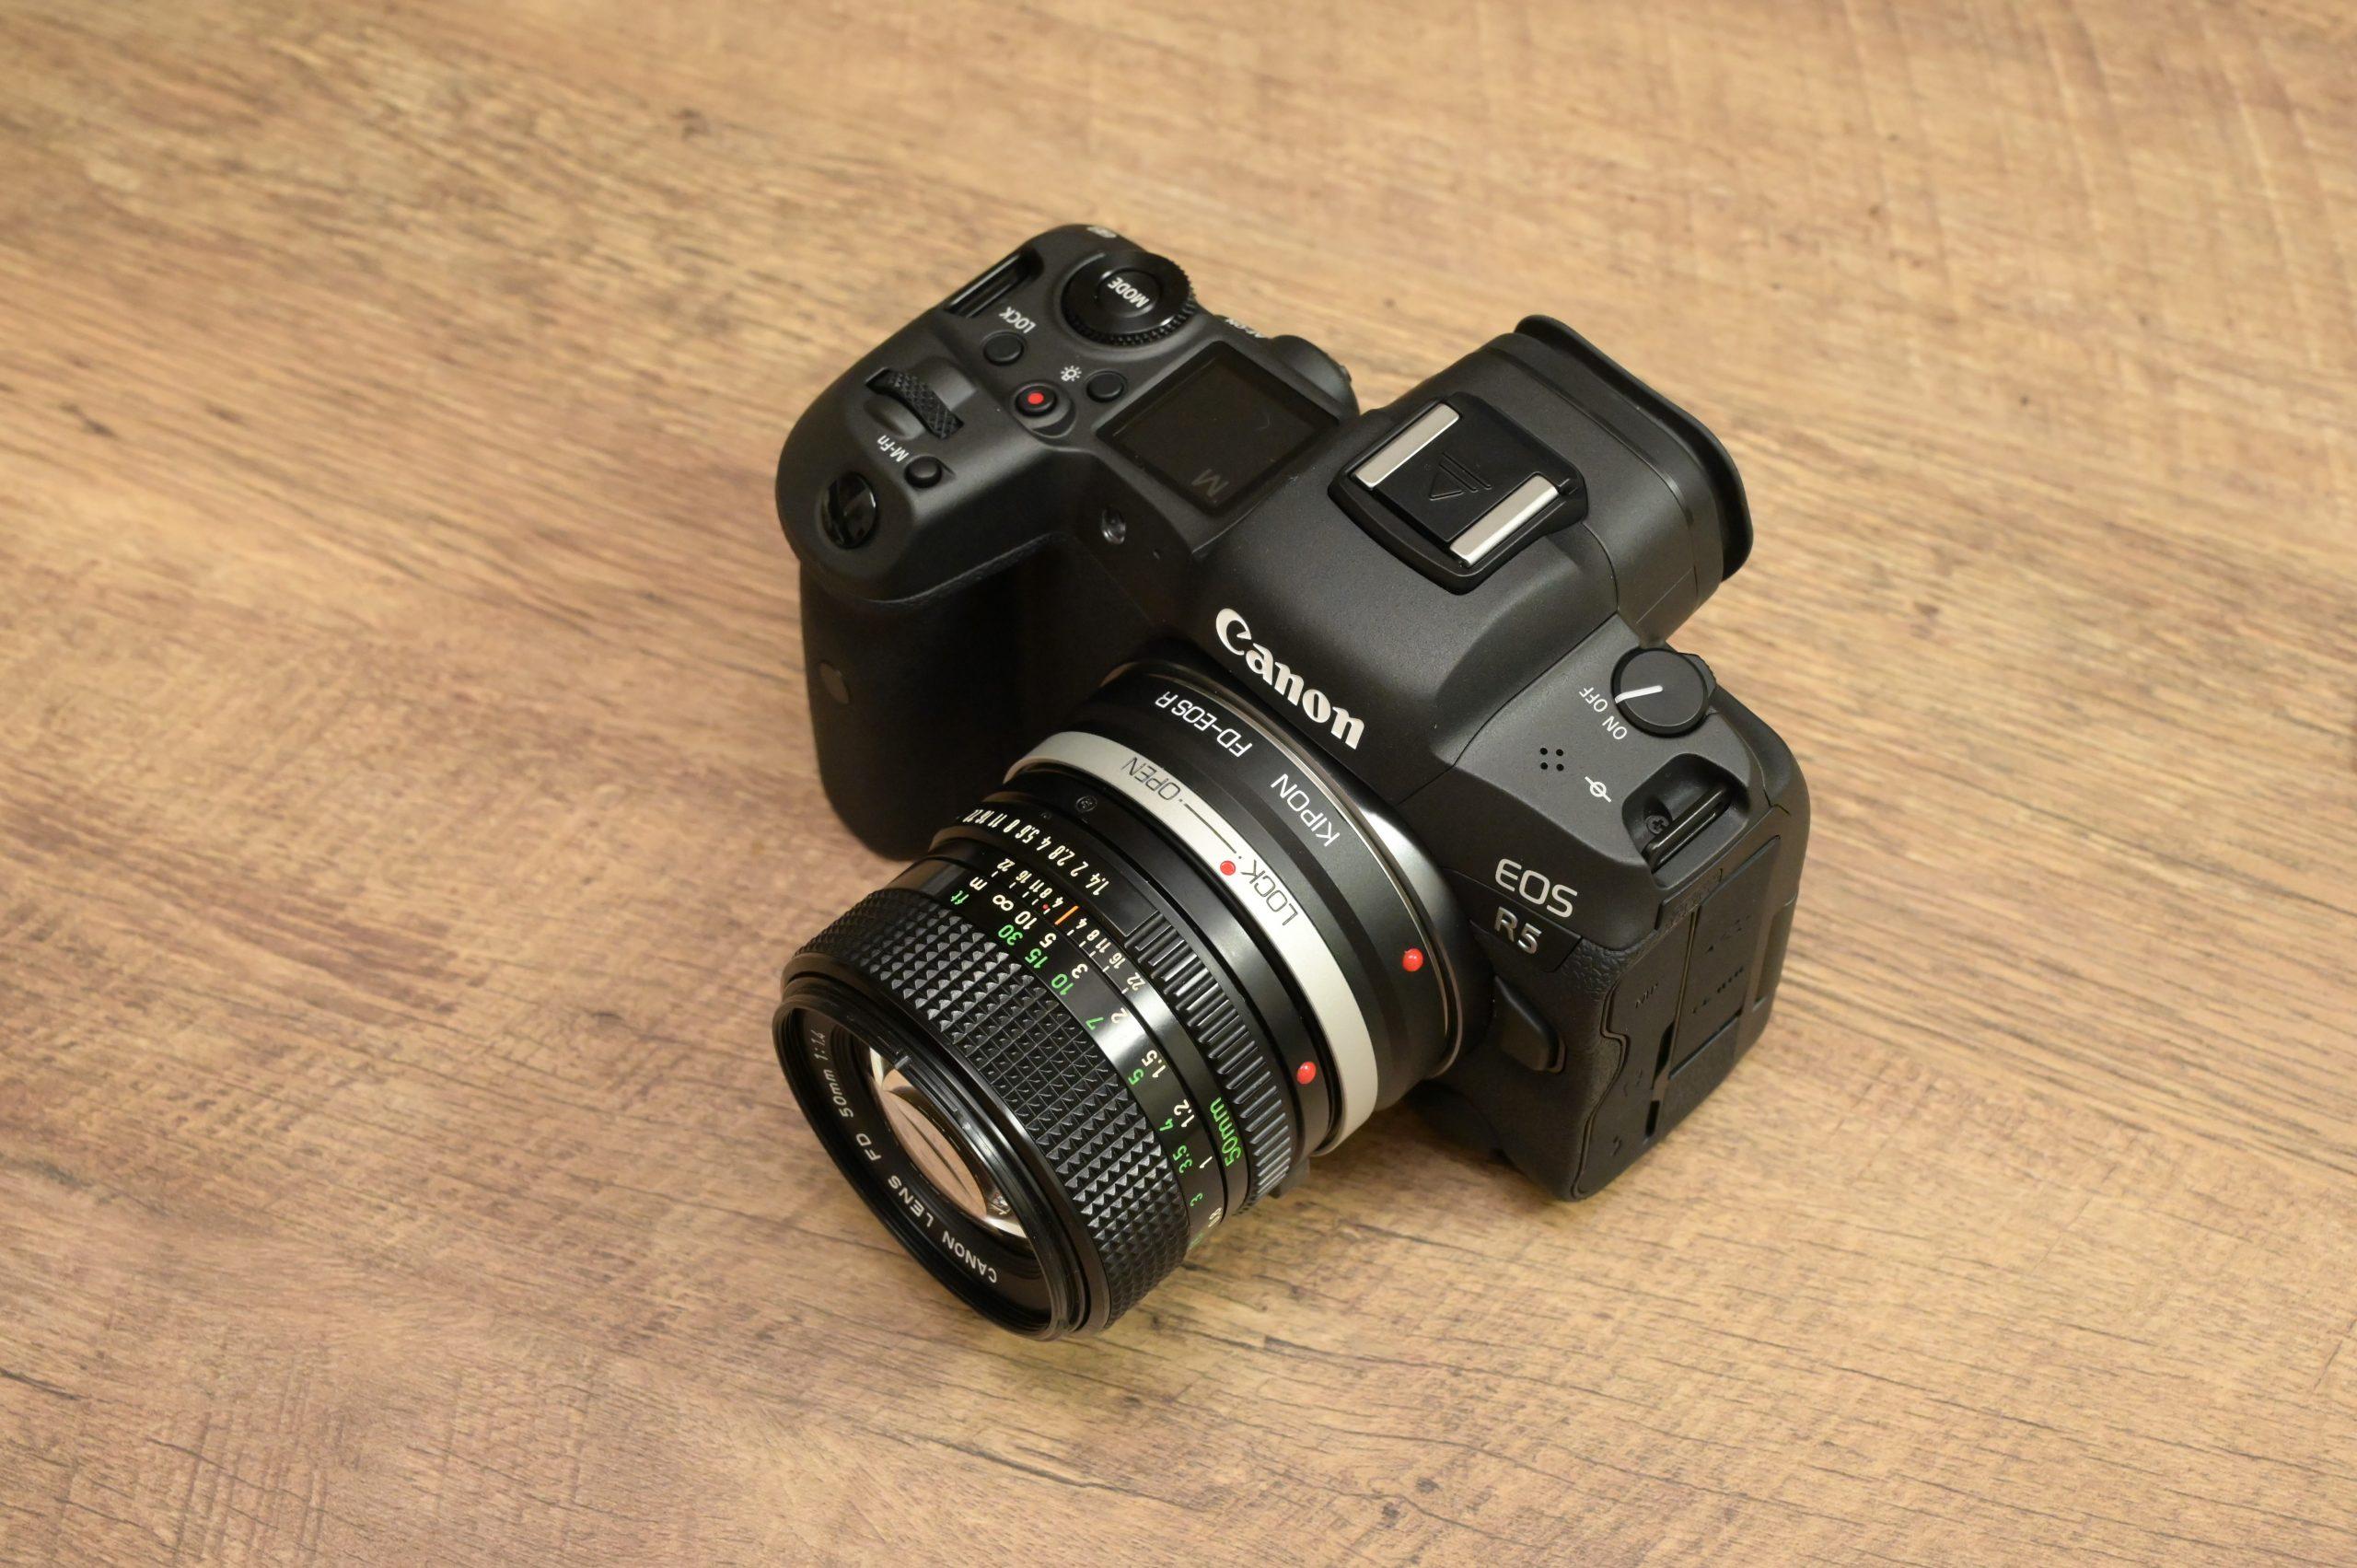 【Canon】オールドレンズ New FD50mm F1.4で動画を撮影する